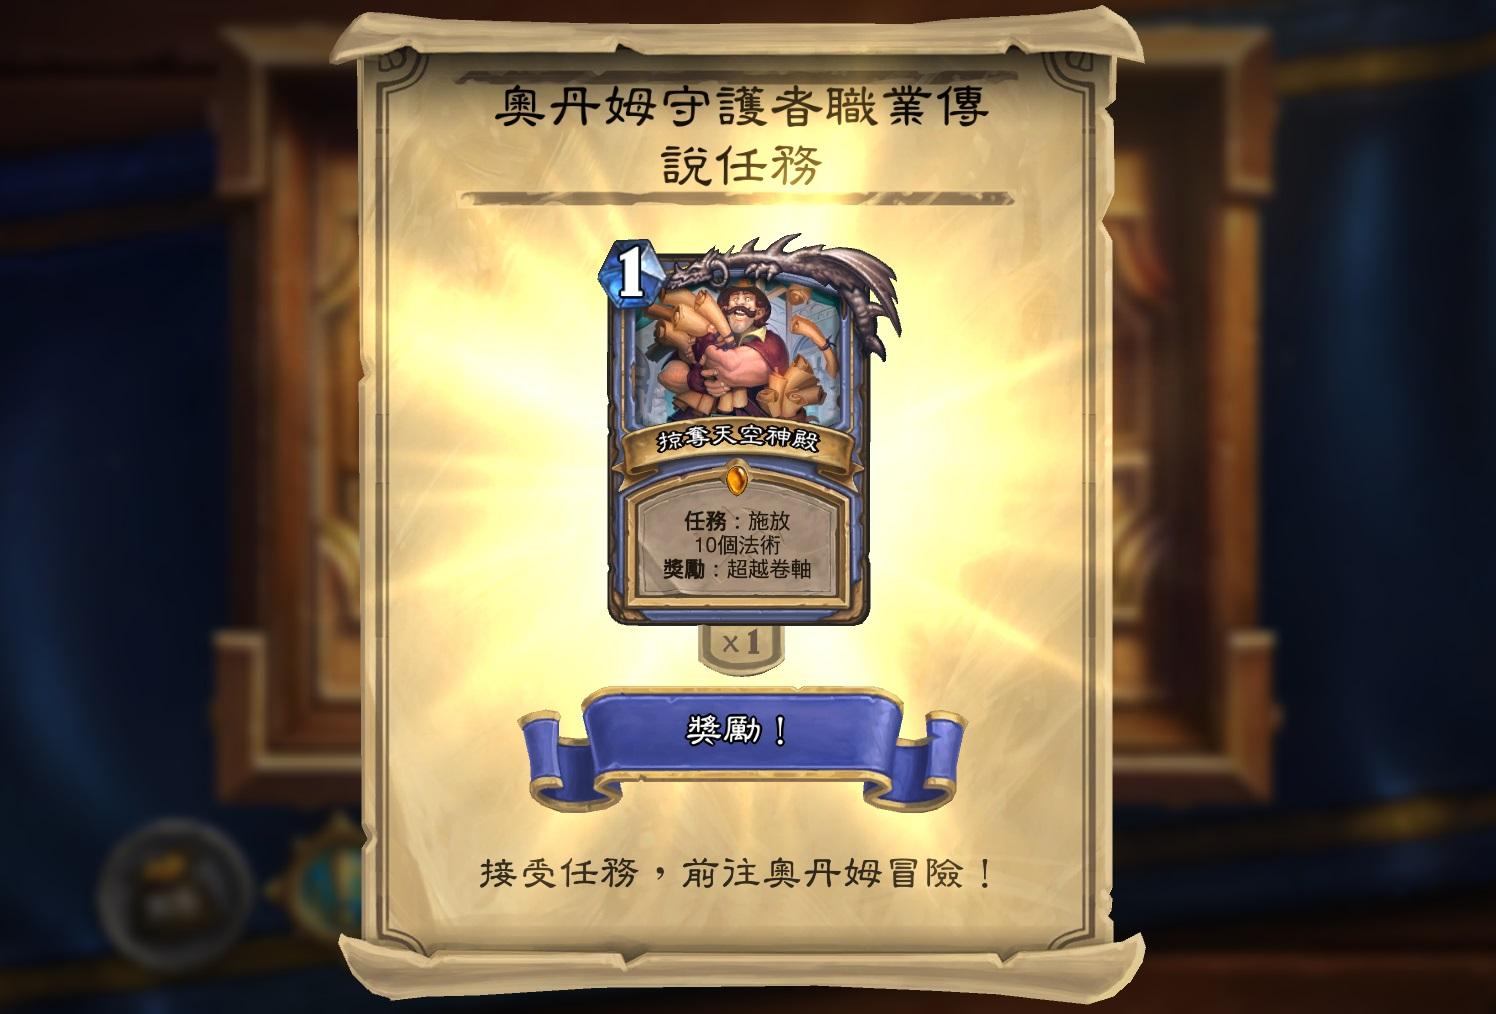 玩家只要在限定期間內登入遊戲,即可獲得一張本次所新推出的隨機職業傳說任務卡牌。